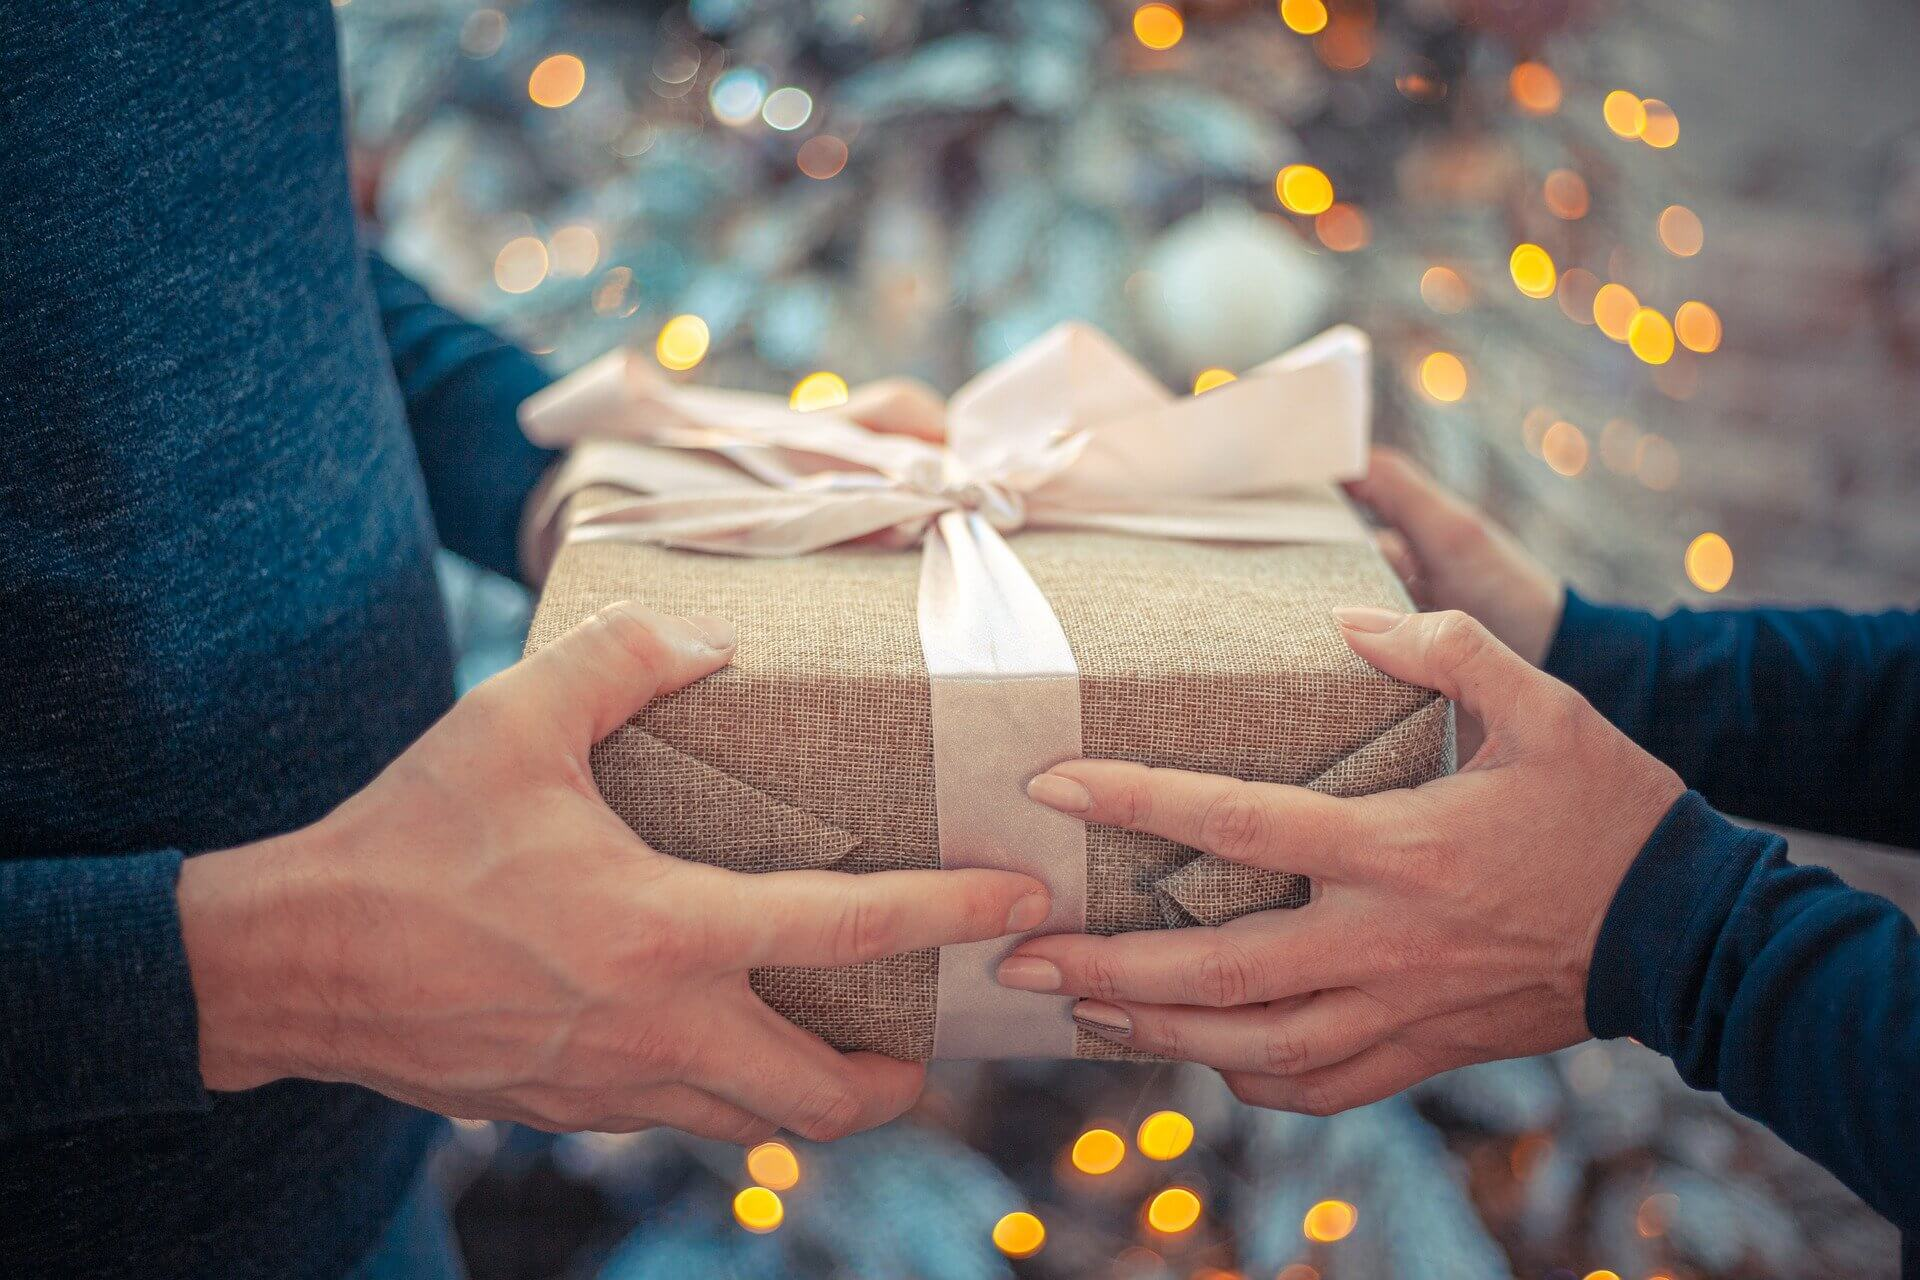 プレゼントを手作りする際のアイデア。既製品にないメリットと注意点